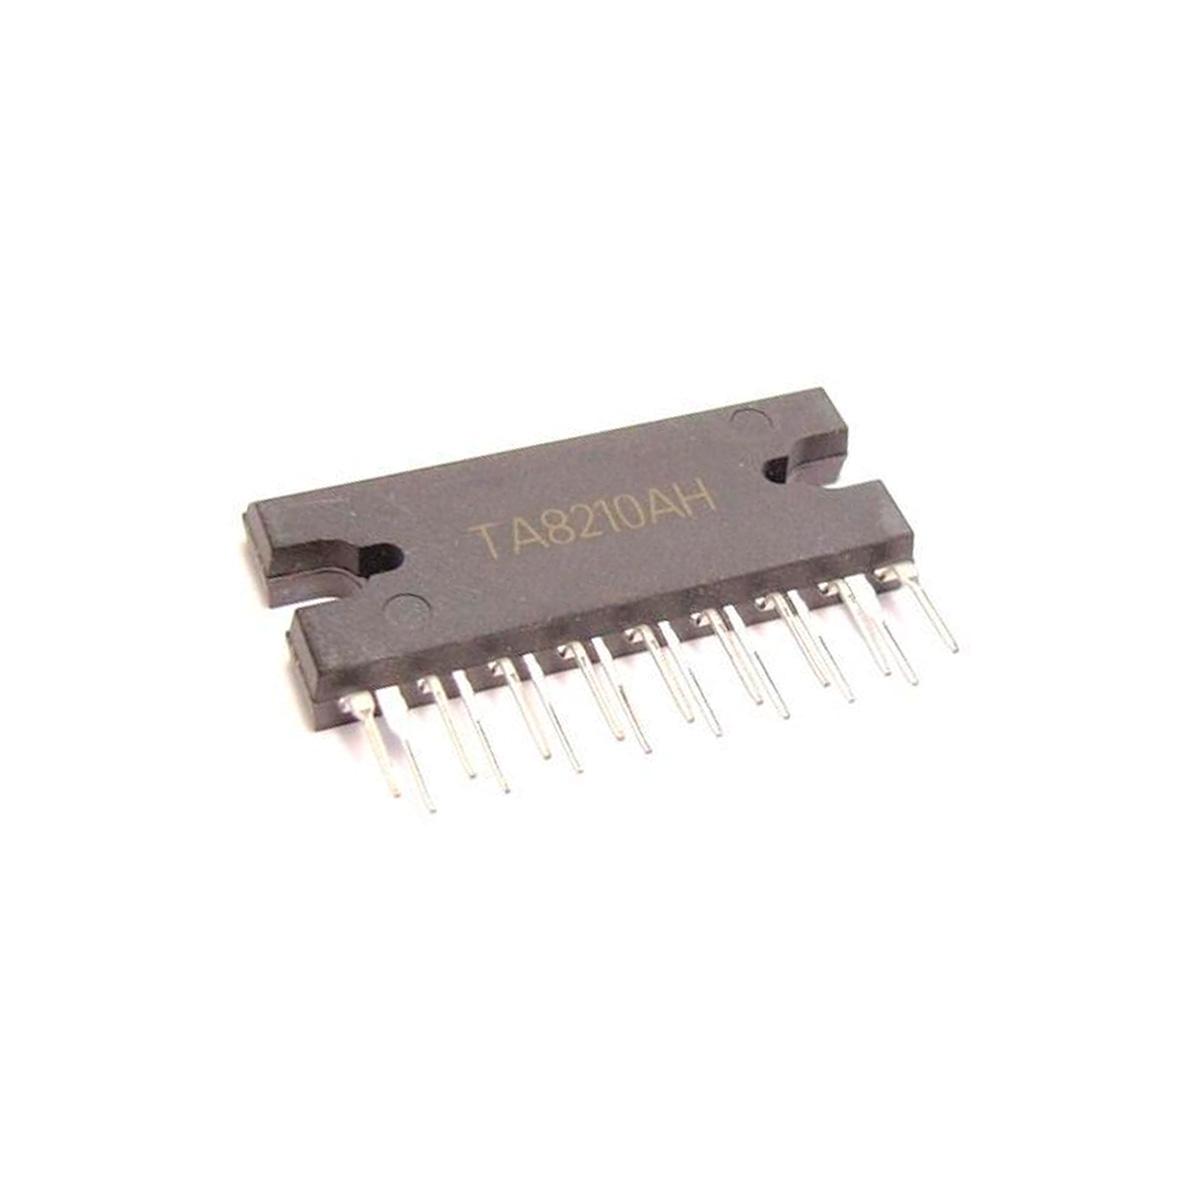 Circuito Integrado : Circuito integrado ta kia u e circuitos integrados